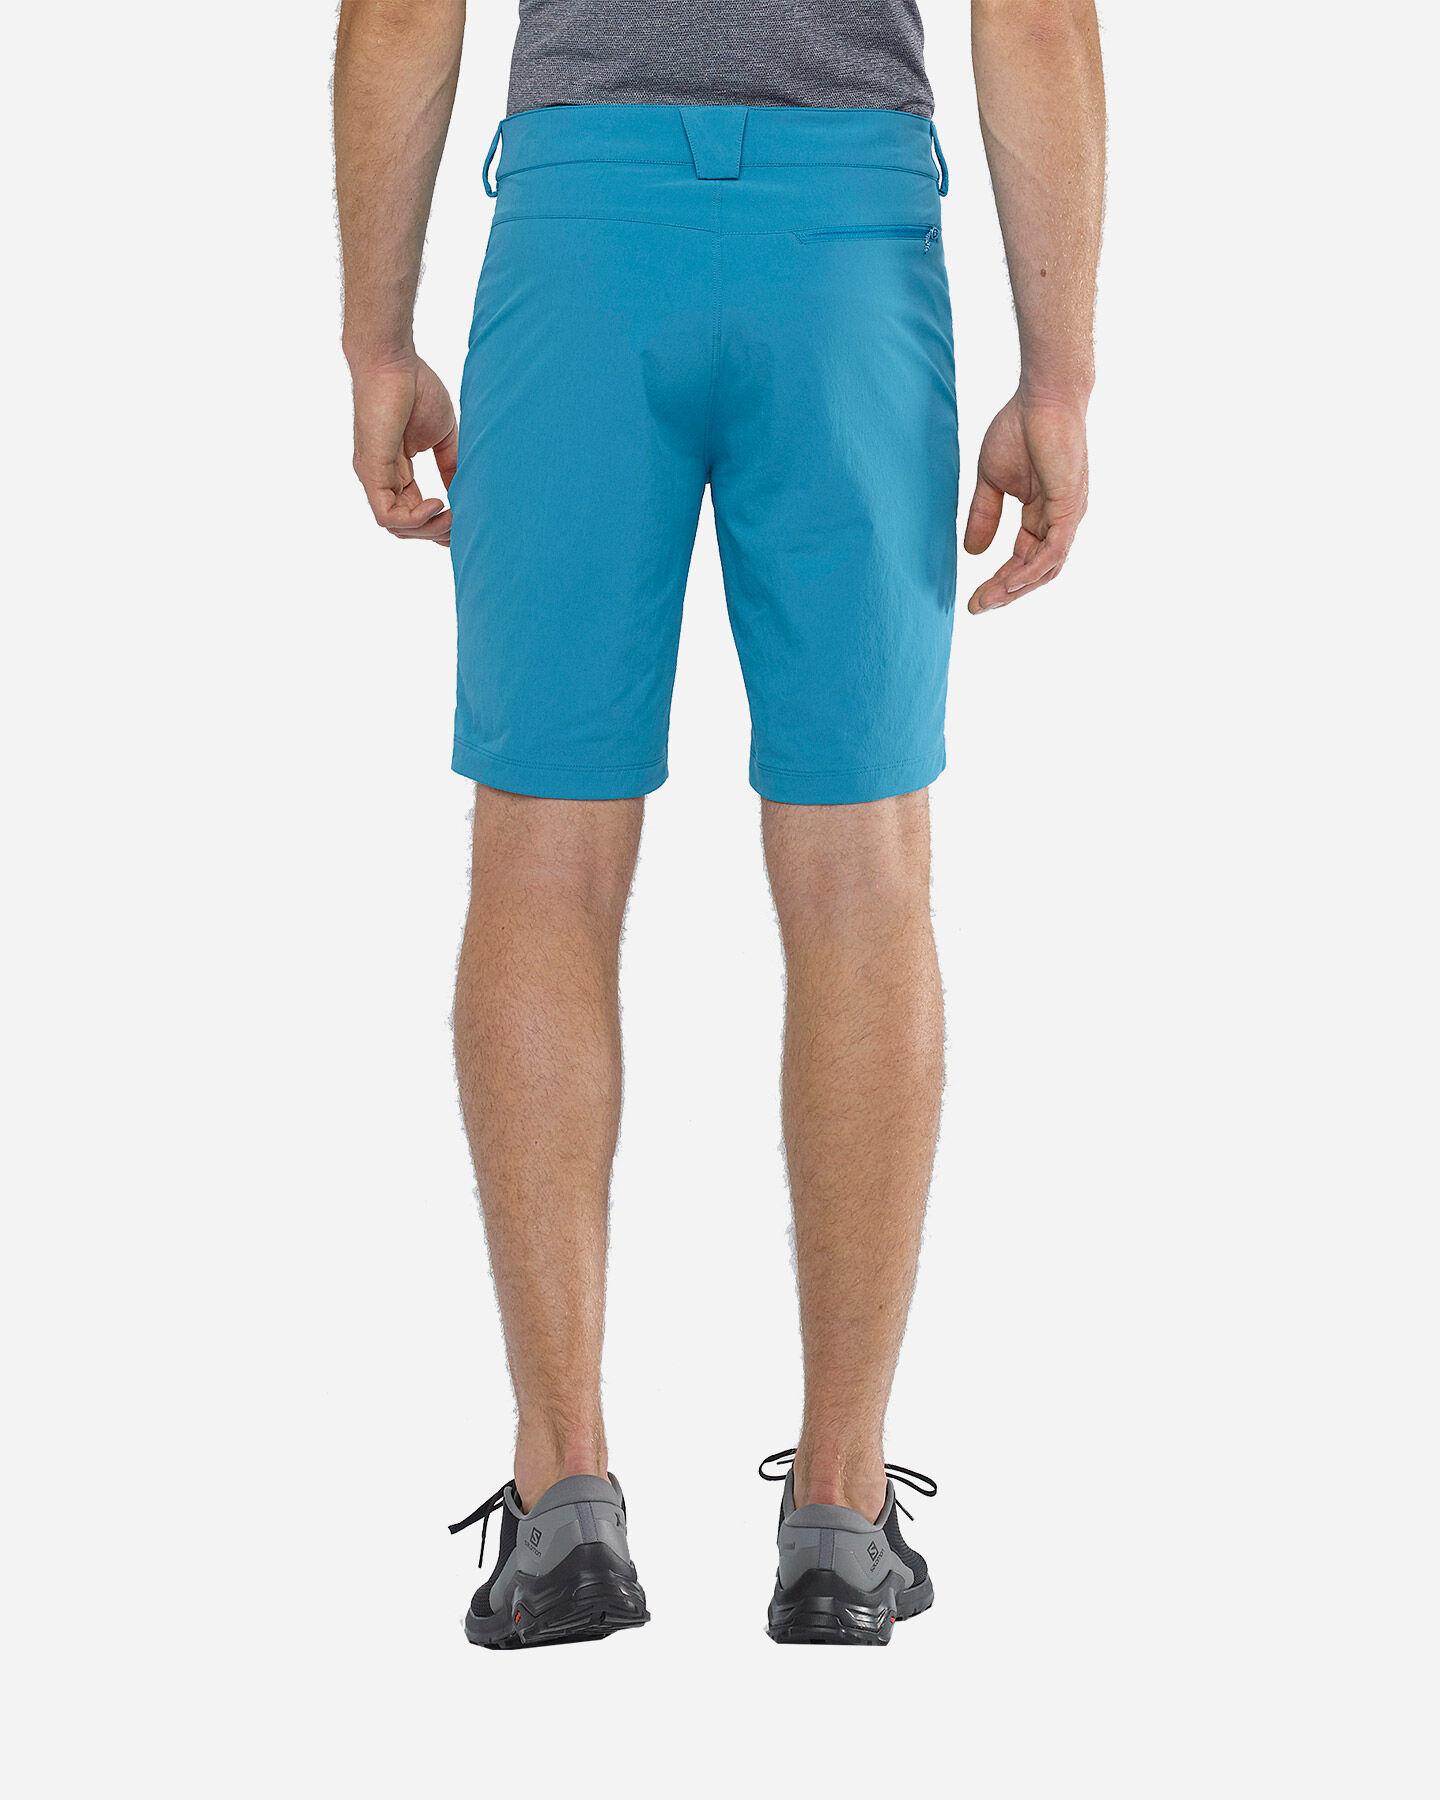 Pantaloncini SALOMON WAYFARER LT M S5173976 scatto 4